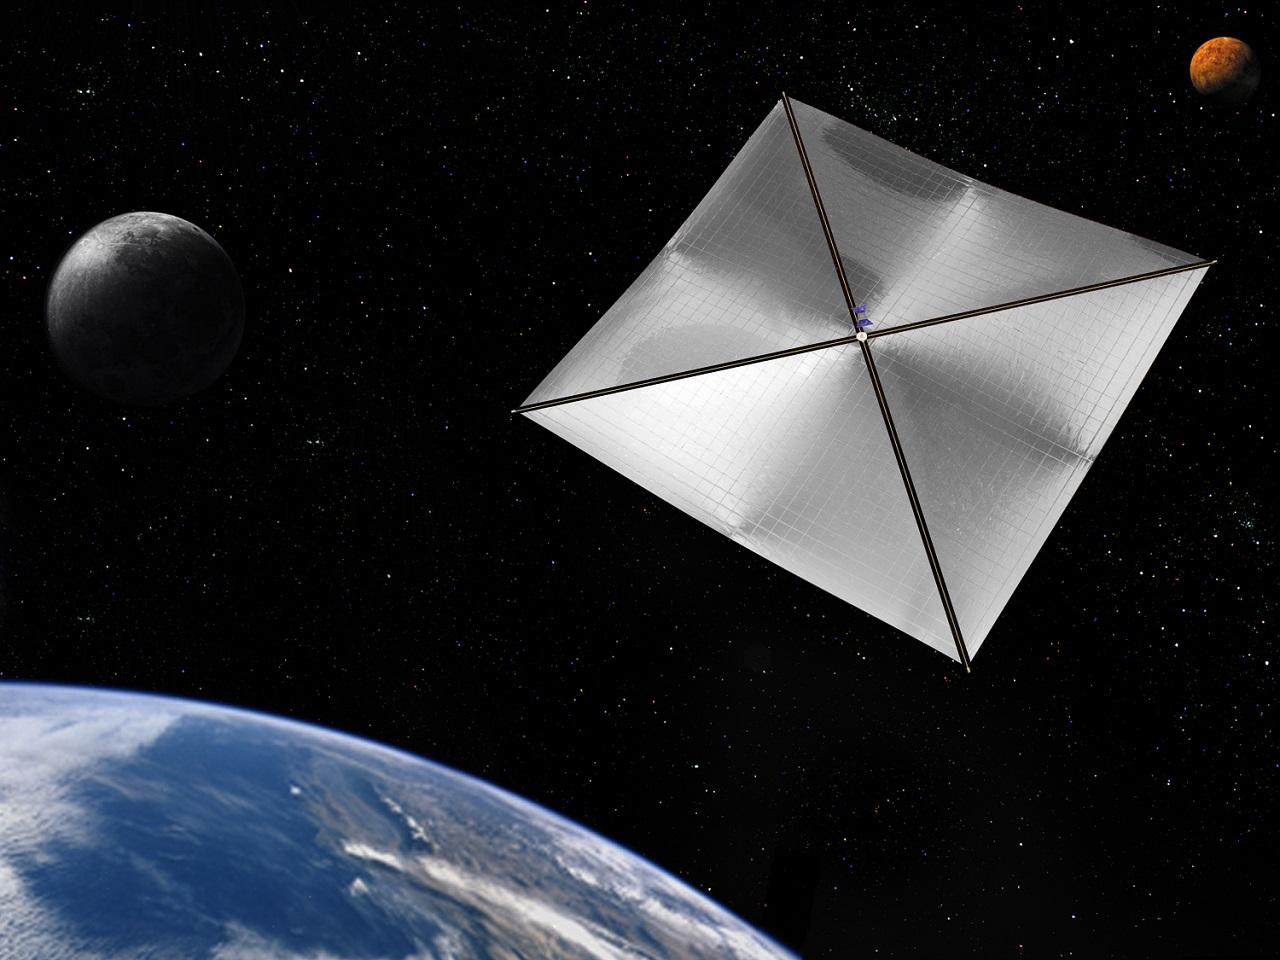 დედამიწისეული სიცოცხლის მარცვლები შეიძლება შორეულ ეგზოპლანეტებზე გაგზავნონ - ამბიციური პროექტი